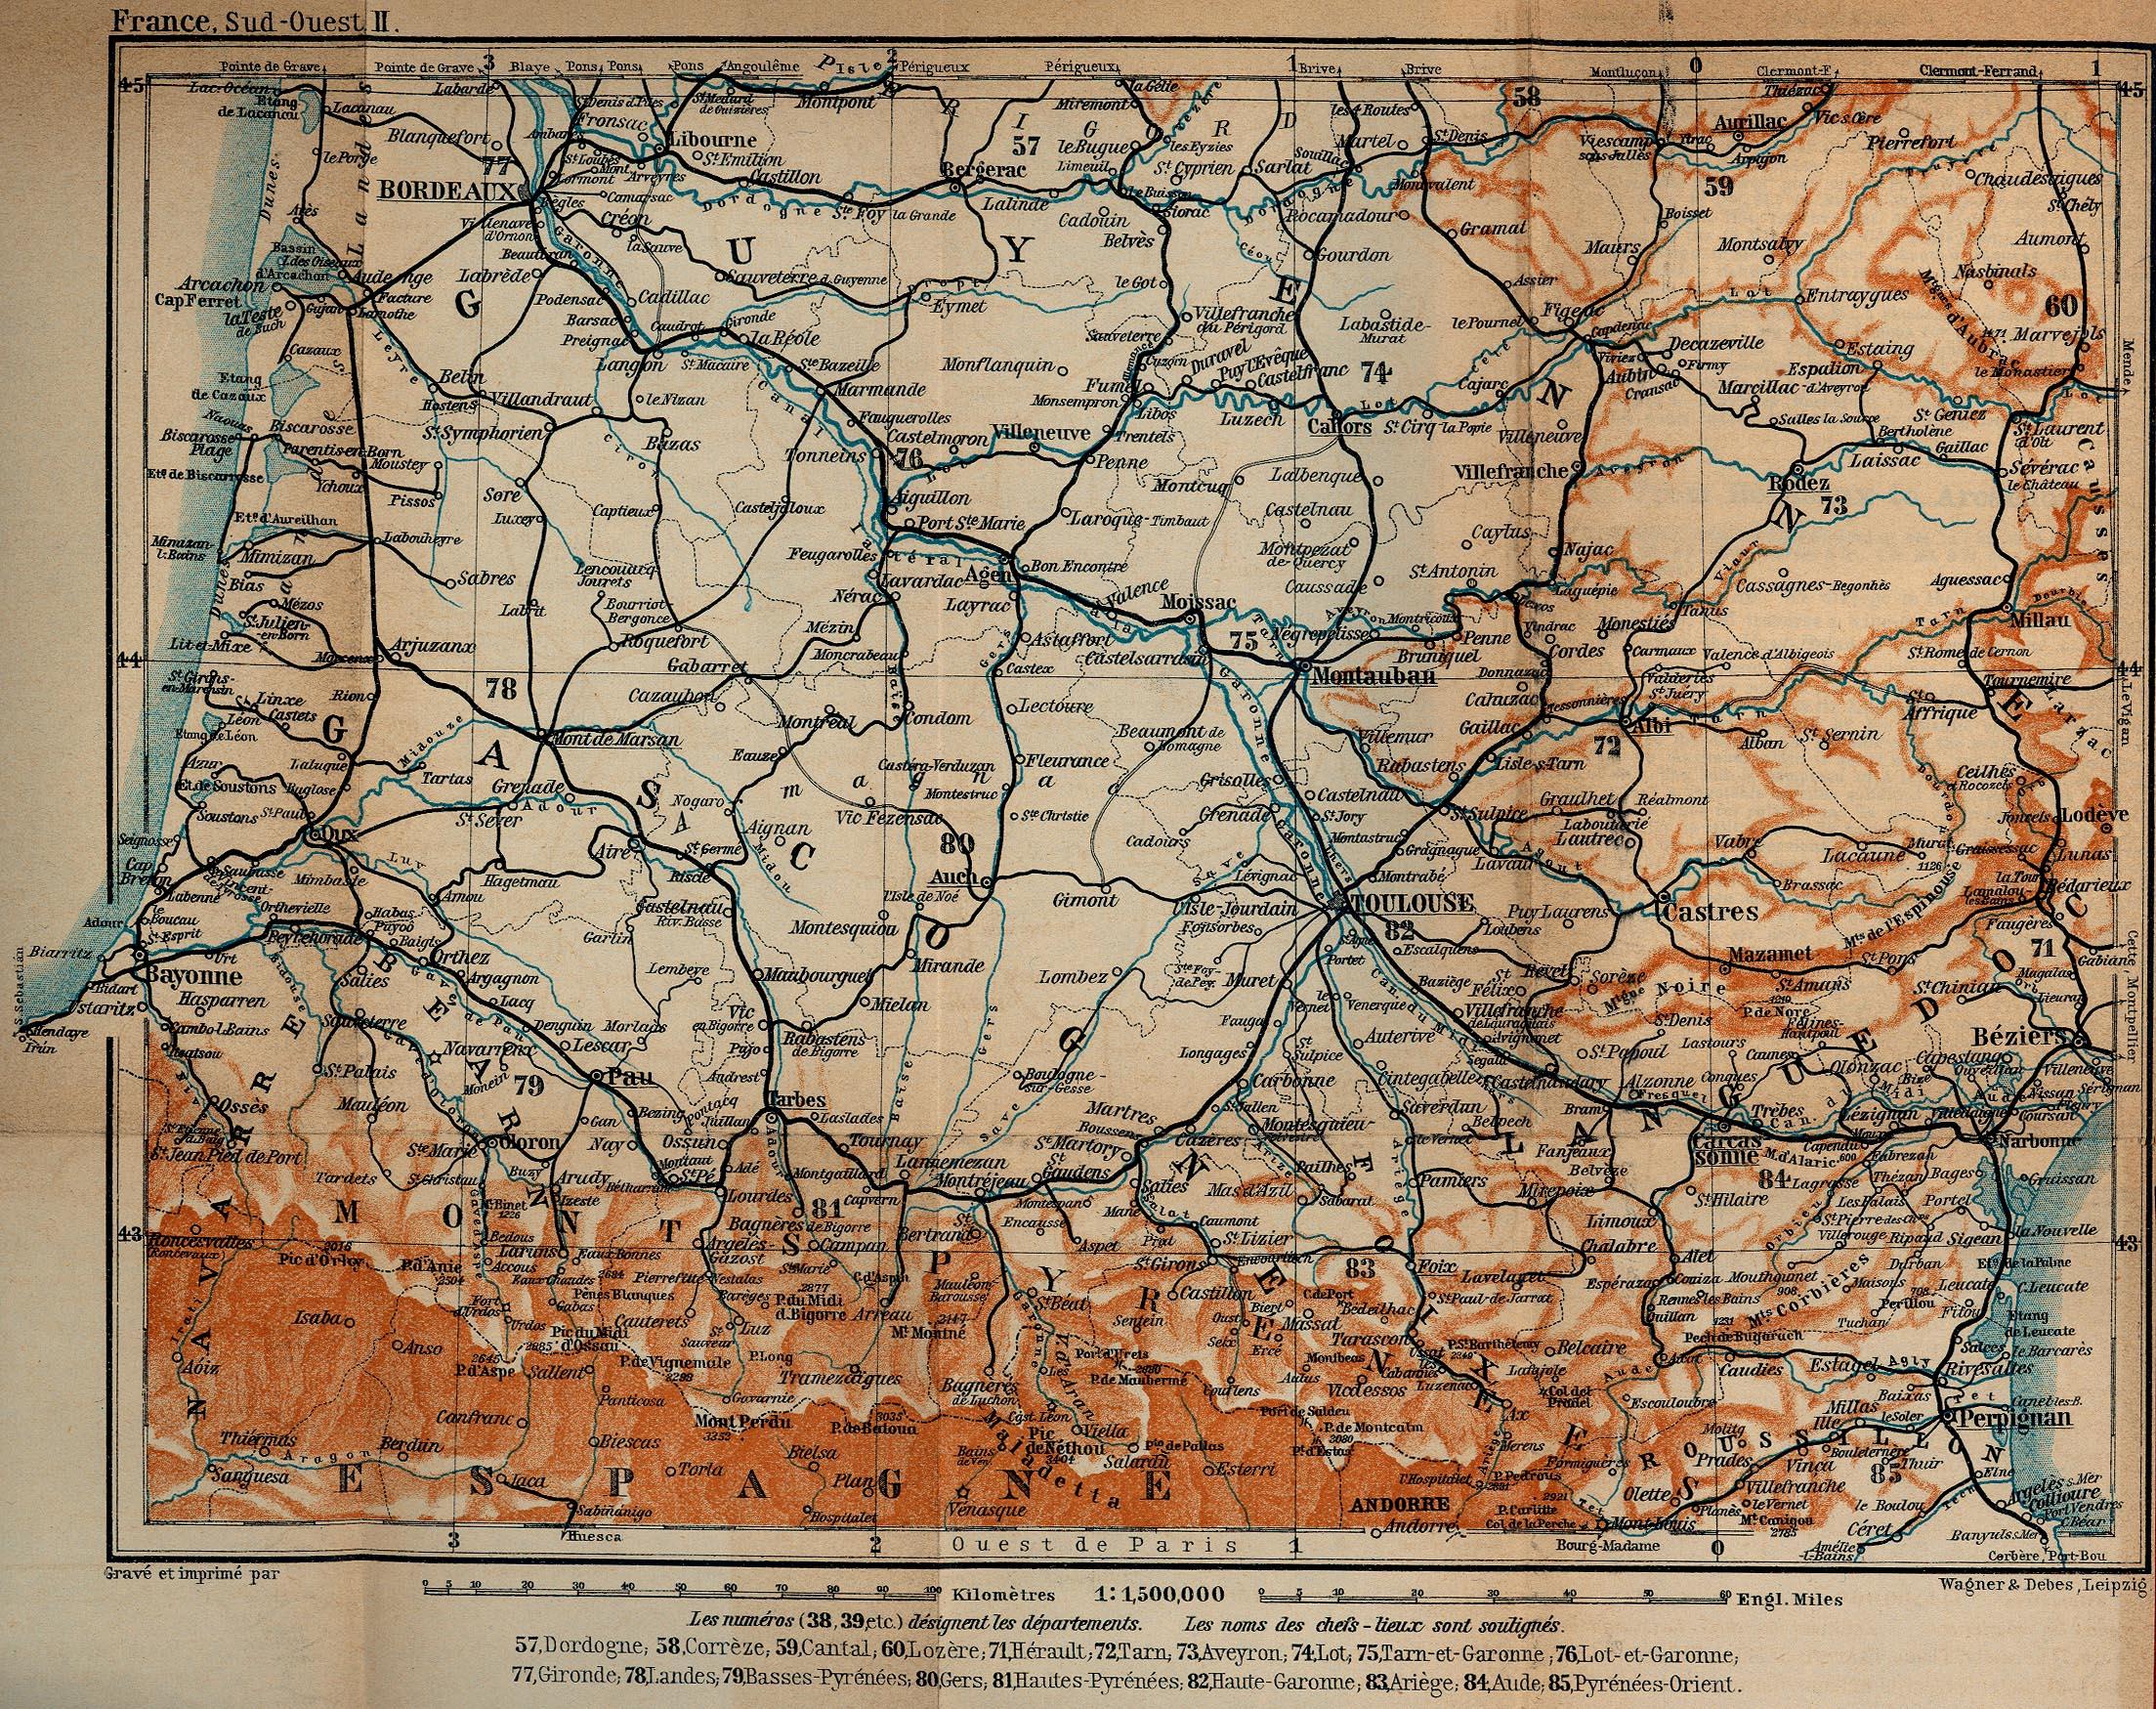 Mapa de Francia Suroccidental, Desde Burdeos Hasta Perpignan 1914